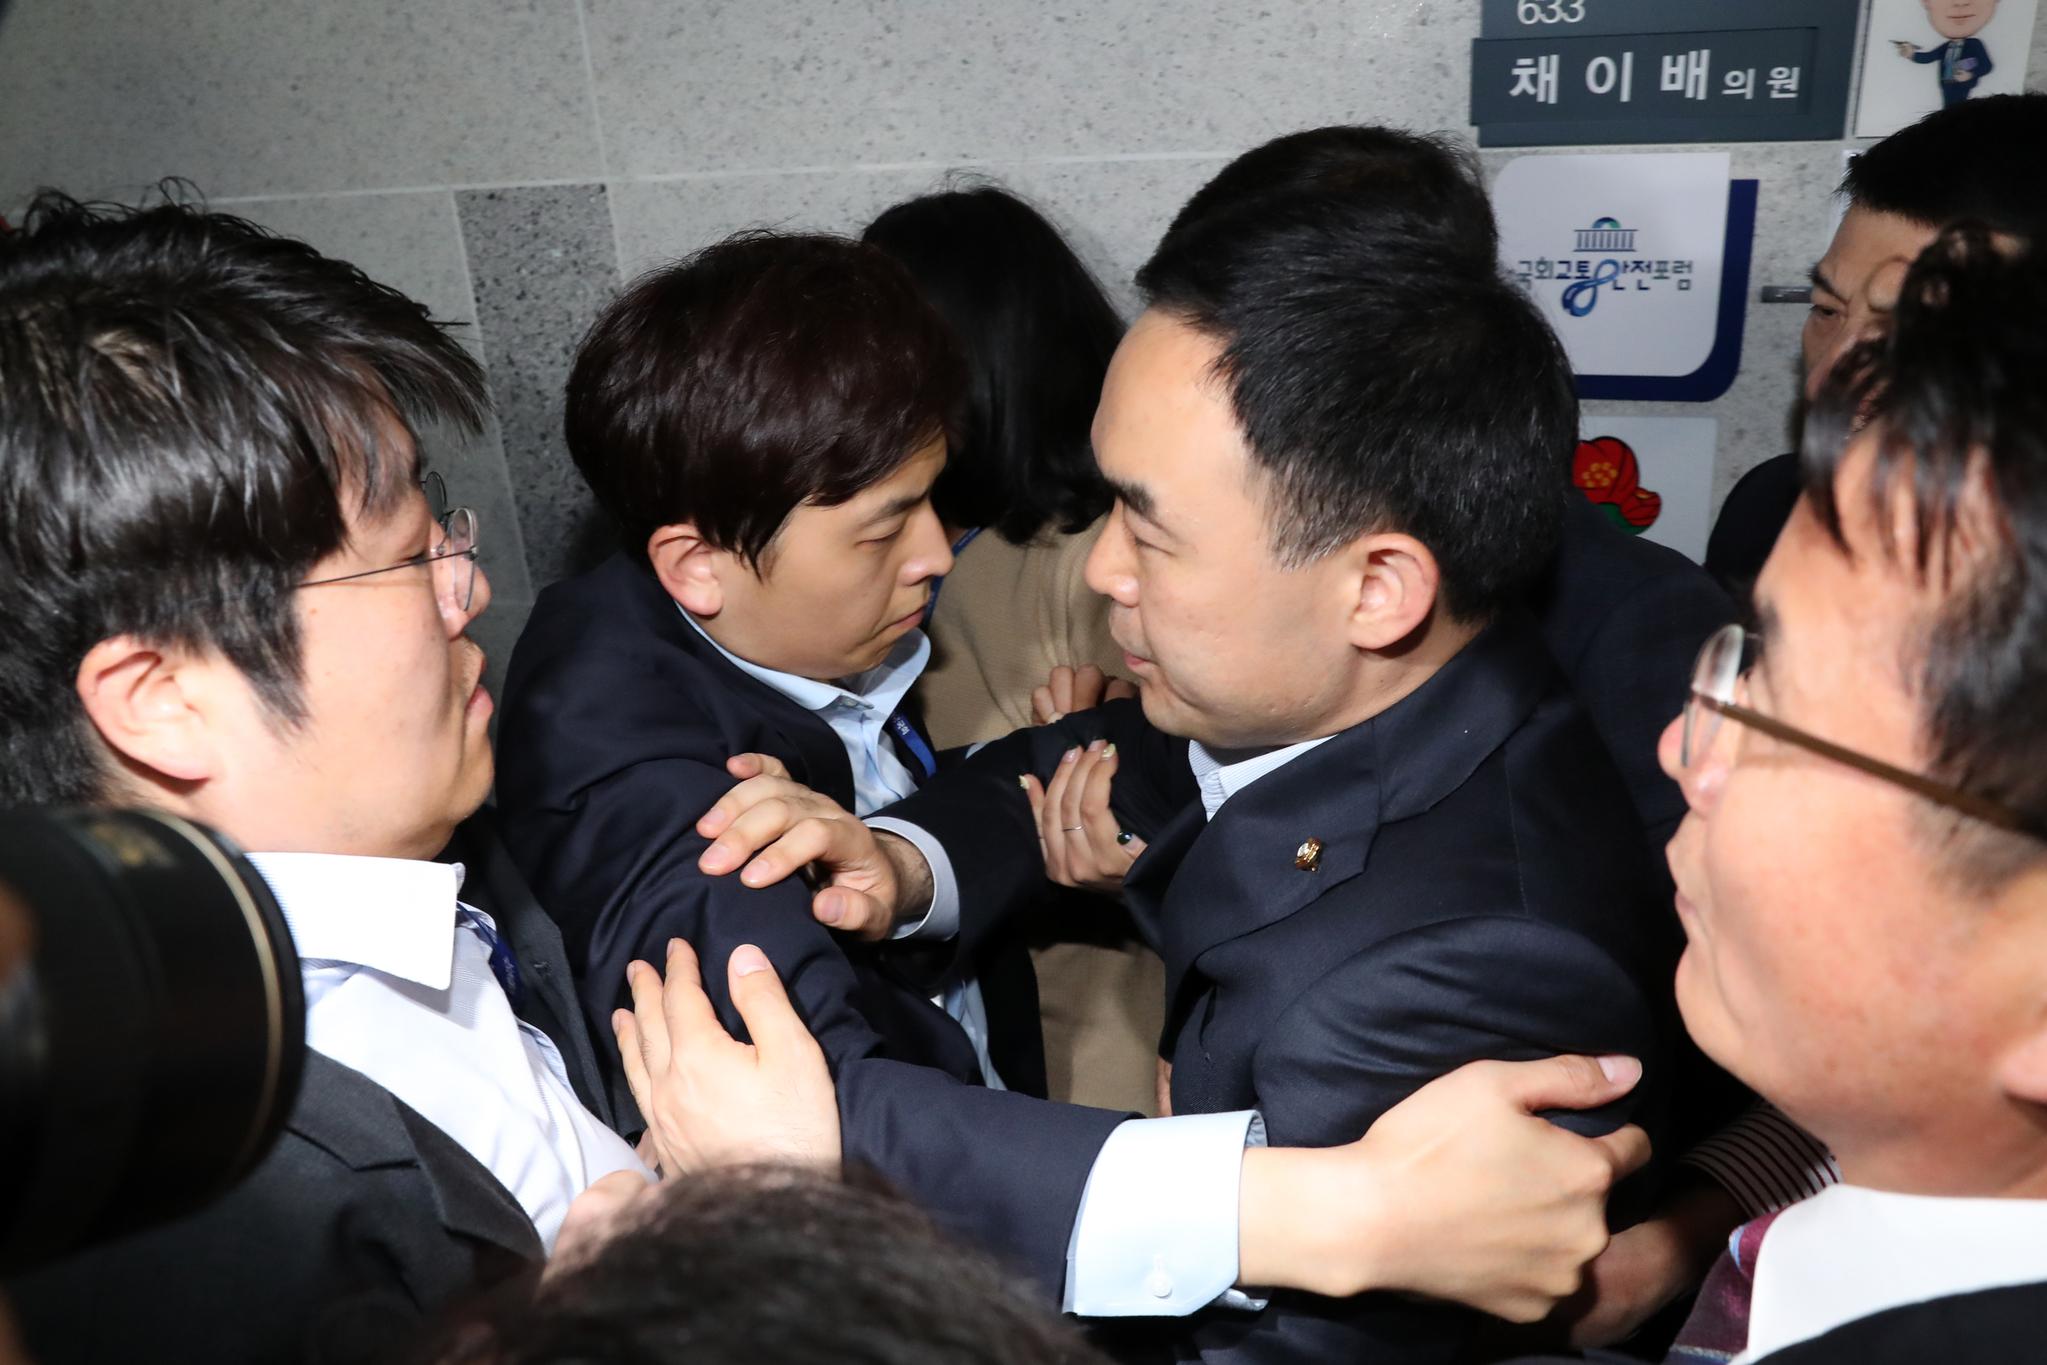 바른미래당 사개특위 위원으로 교체된 채이배 의원이 25일 오후 서울 여의도 국회 의원회관 의원실을 빠져나오고 있다. 채 의원은 이날 사개특위 출석을 막는 자유한국당 의원들로 인해 의원실에 감금 돼 있었다. 김경록 기자